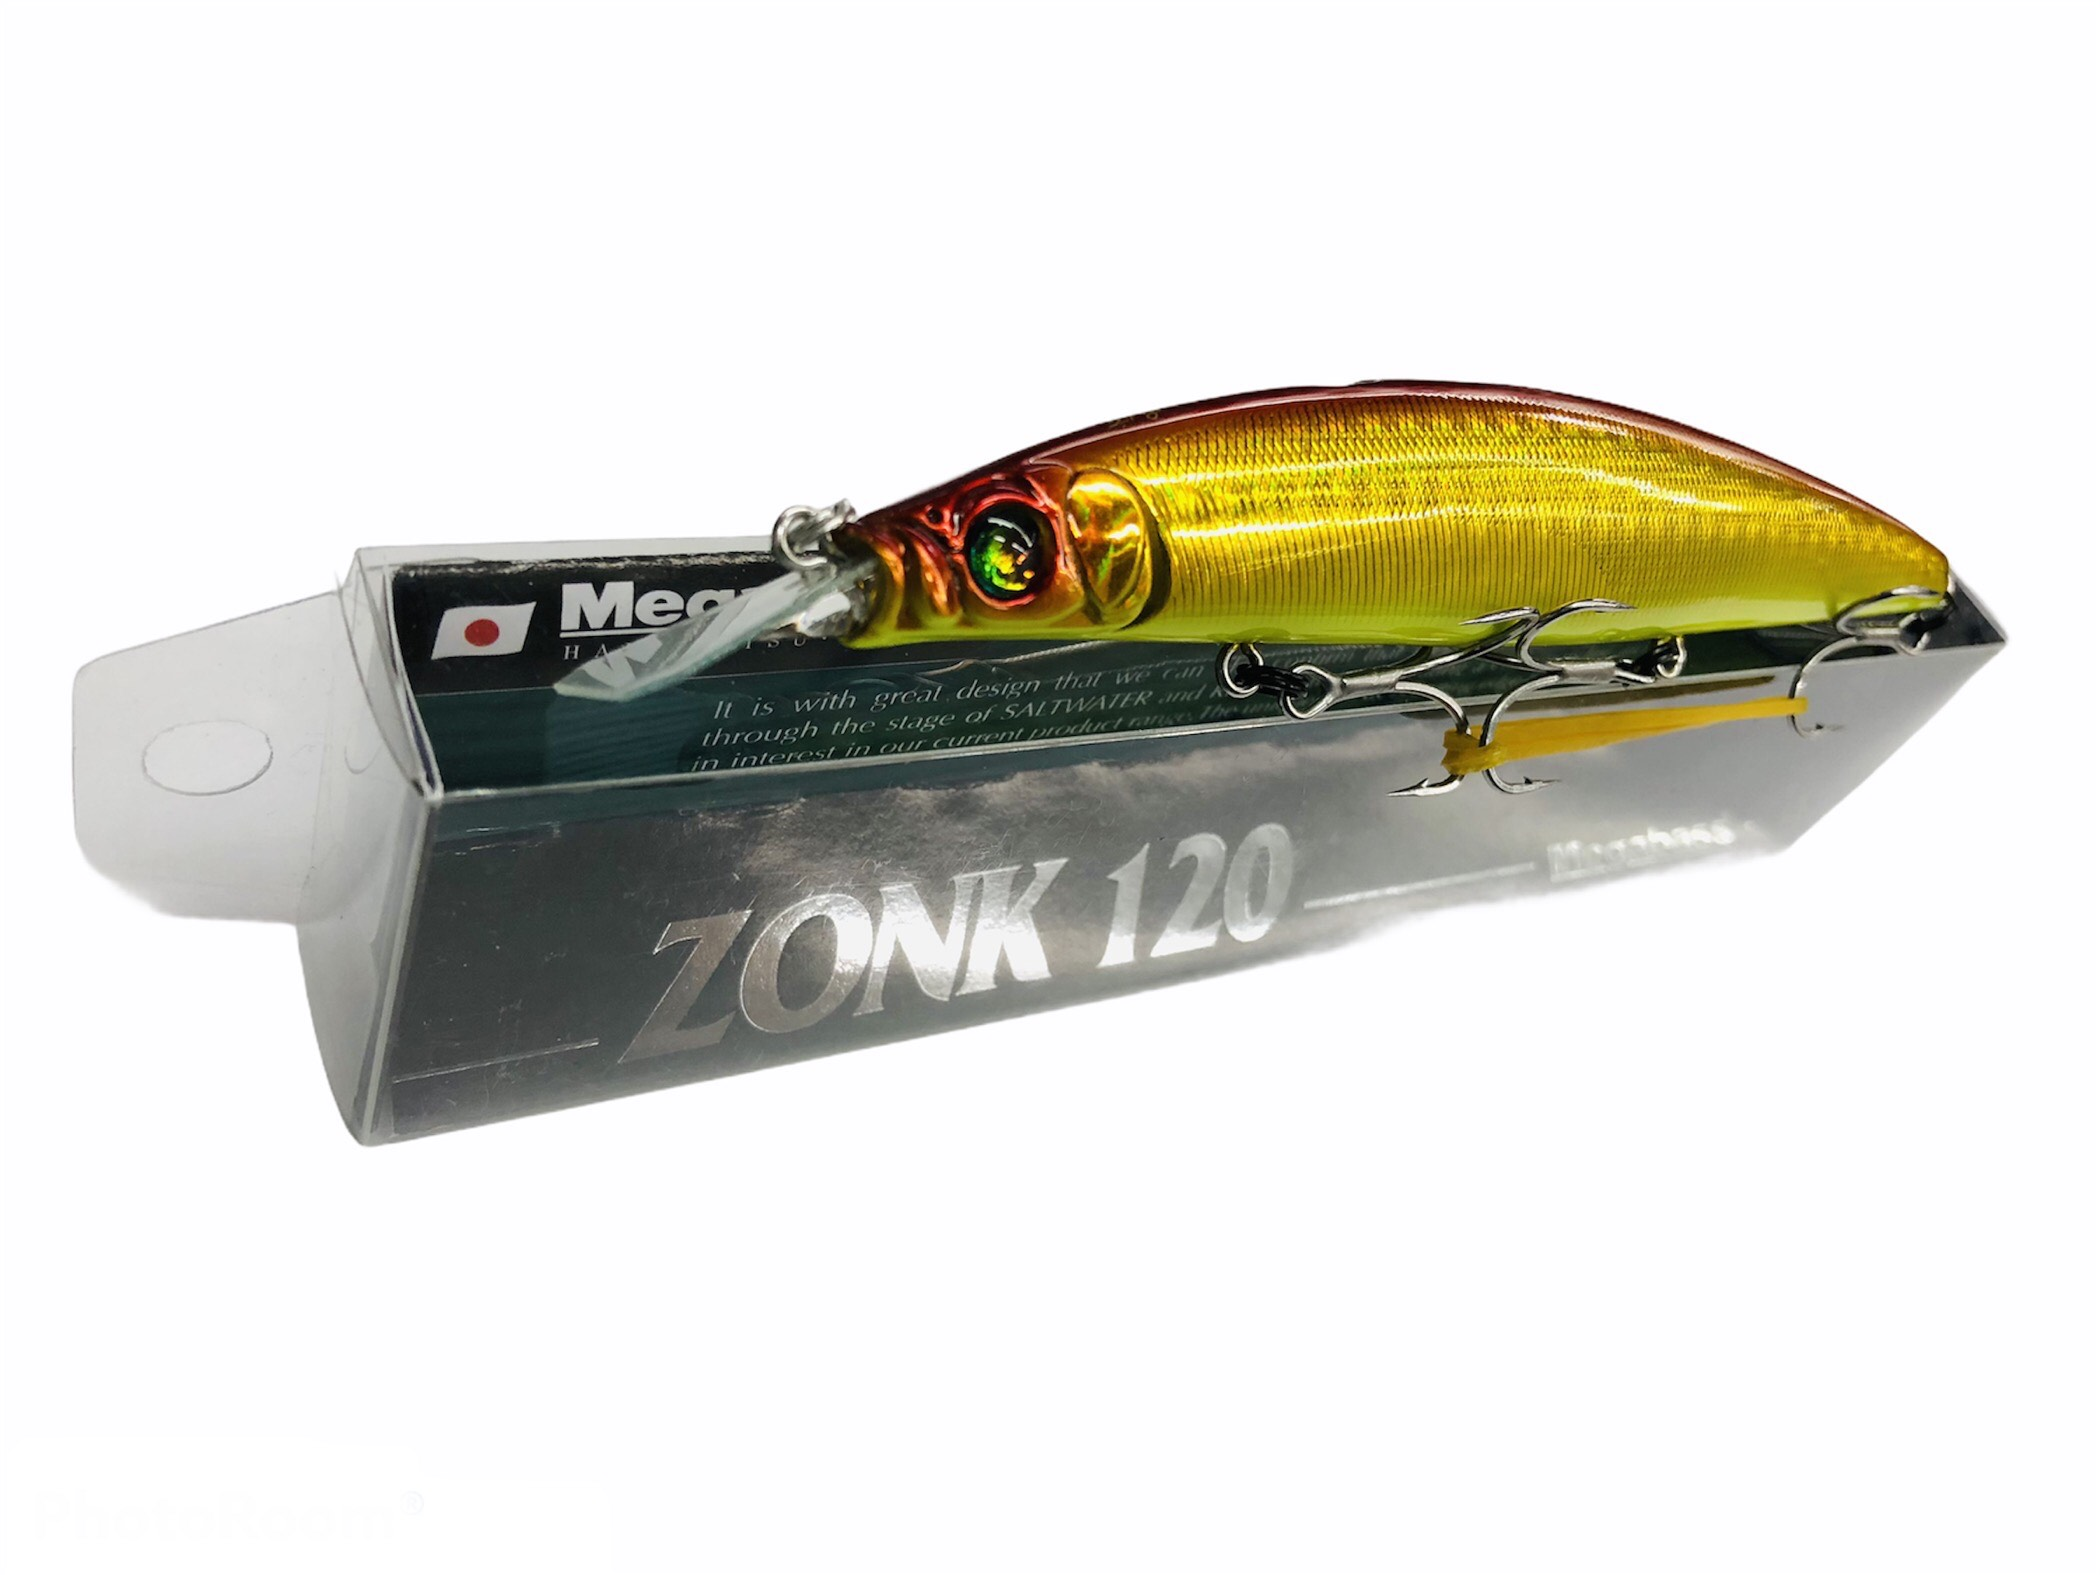 MEGABASS ZONK 120